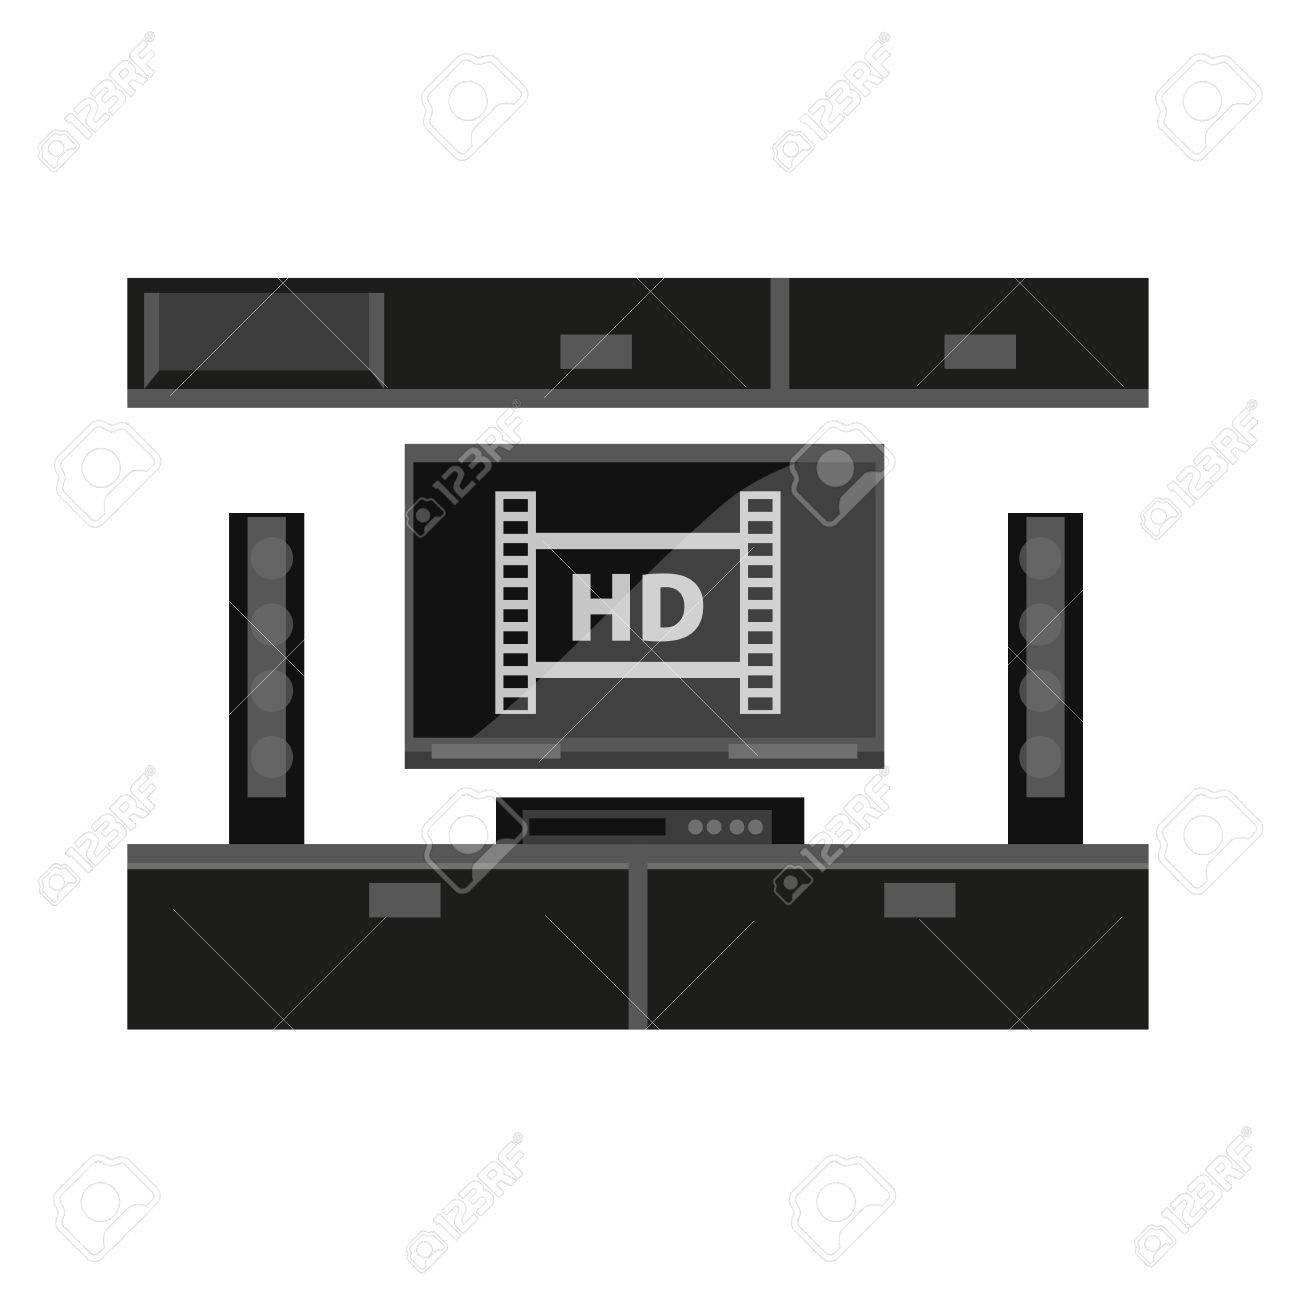 Schön Schwarze Möbel Dekoration Von Möbel Für Tv-gerät Isoliert Auf Weiß Standard-bild